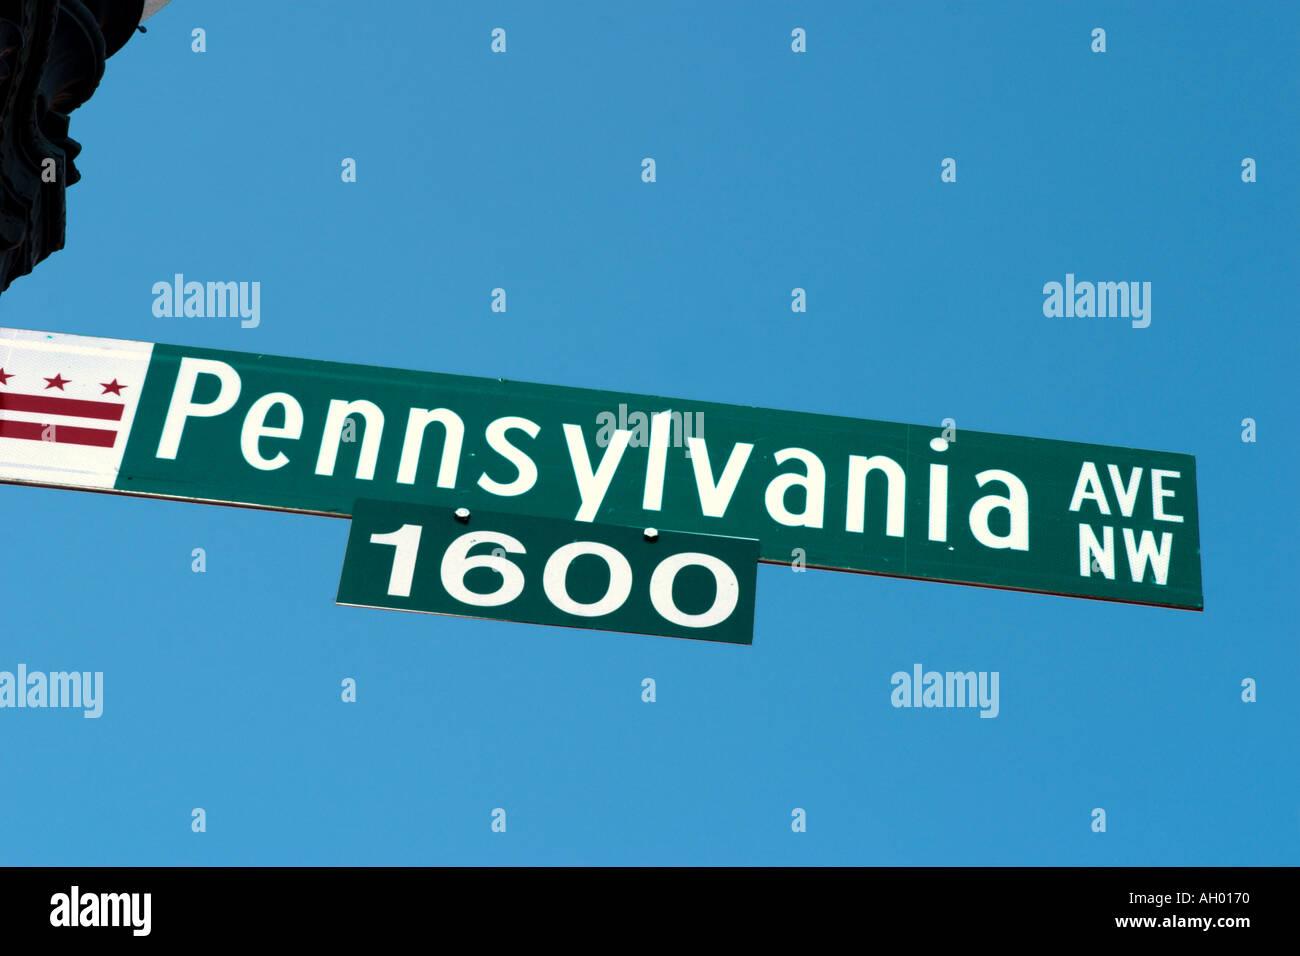 1600 Pennsylvania Avenue The White House Address Washington Dc